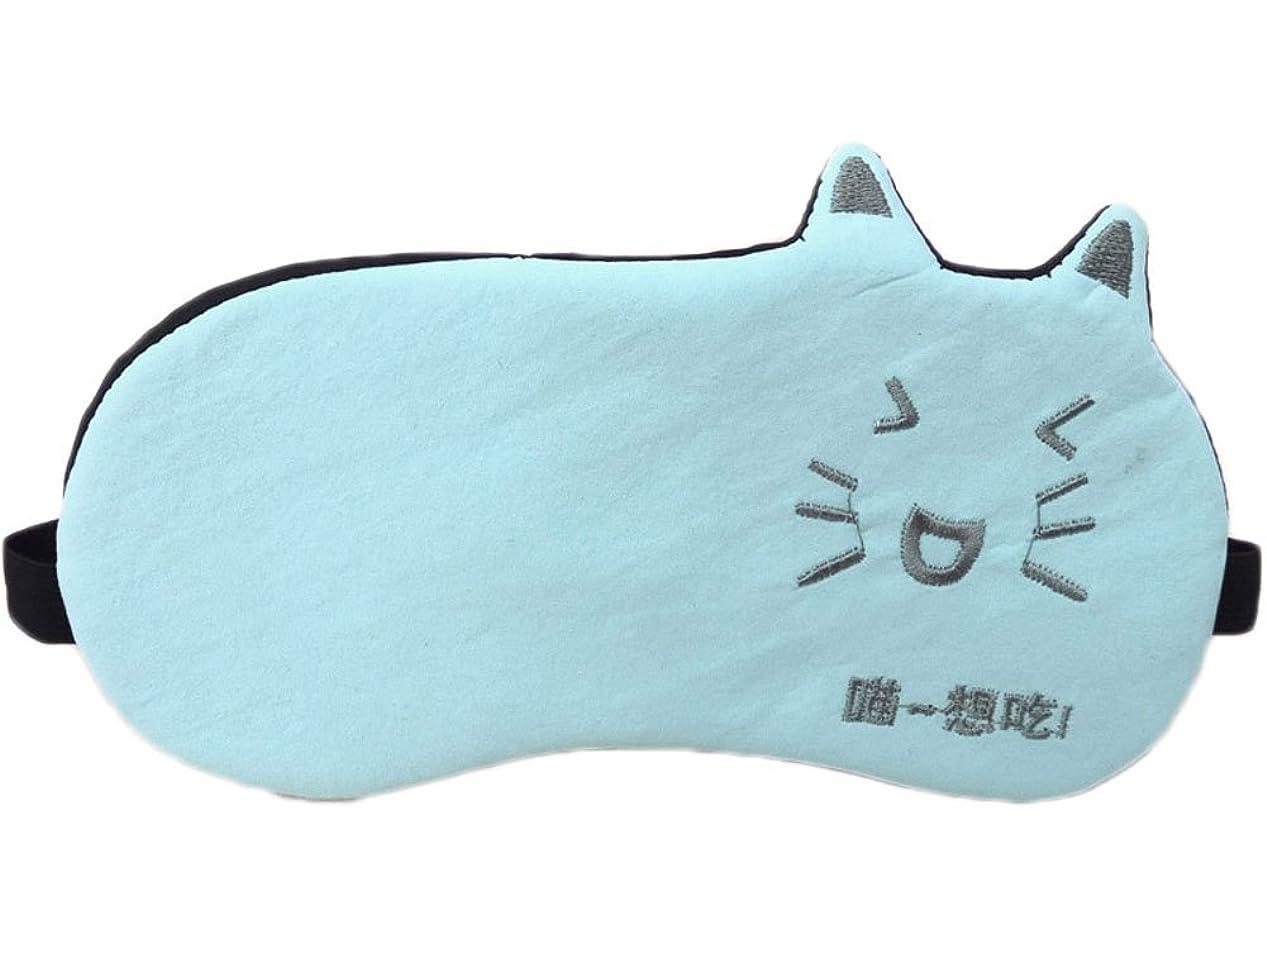 吐き出す分散サイバースペースかわいい漫画のデザインアイマスク睡眠飛行機の旅行シフト作業のためのマスク、#04